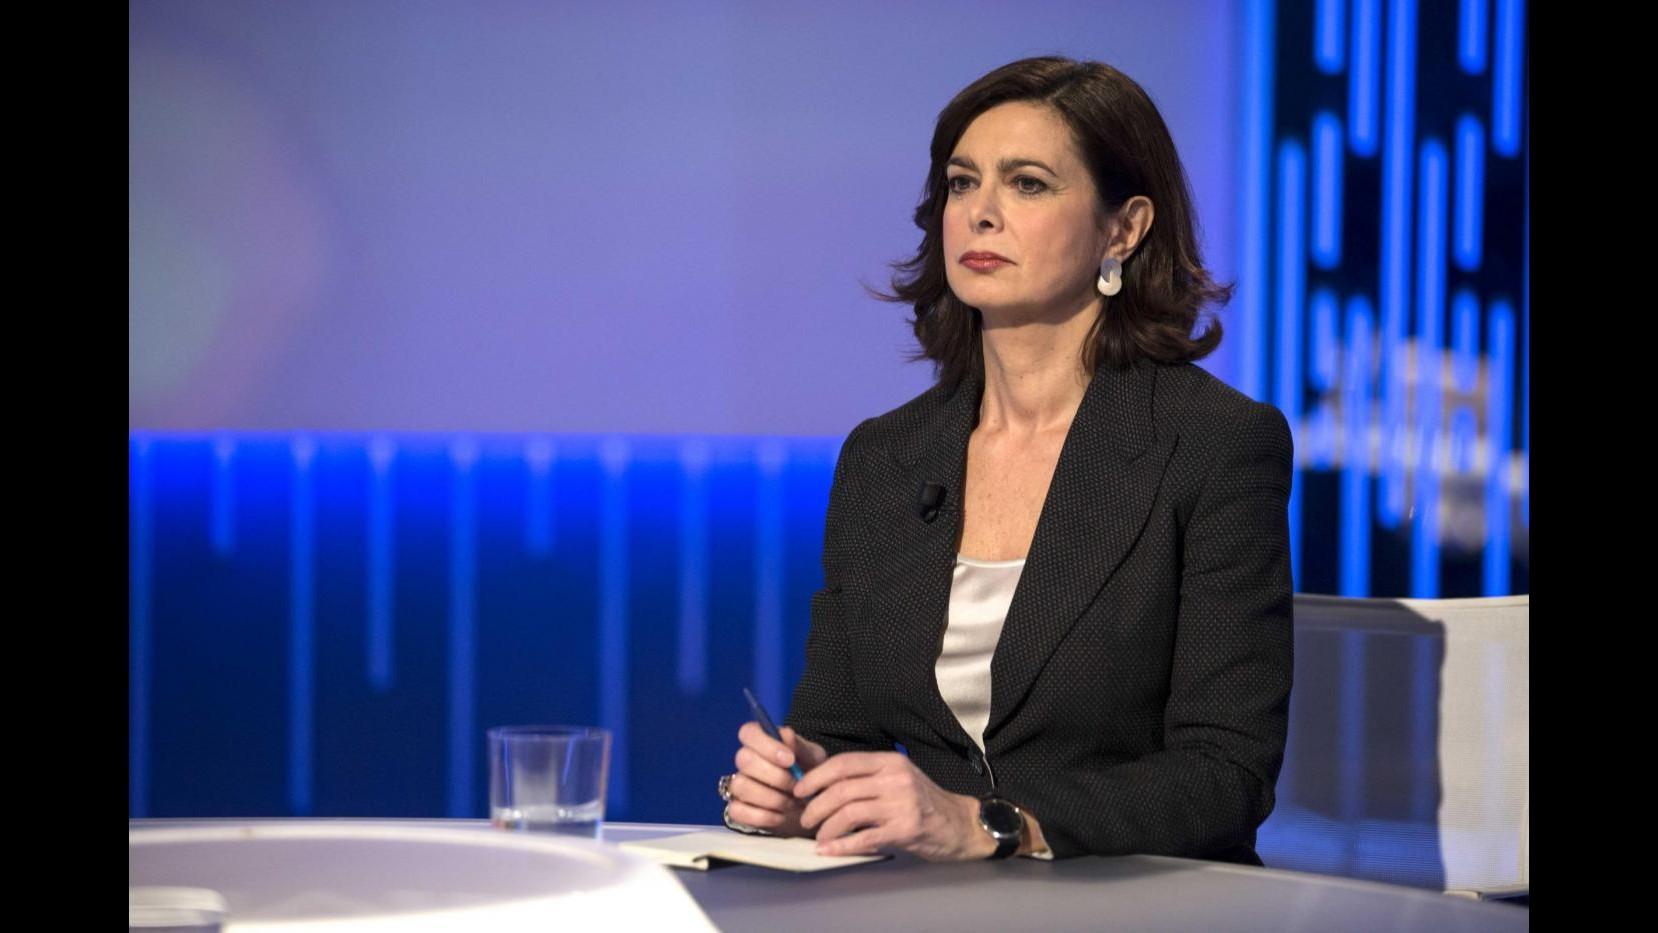 Foibe, Boldrini: Giorno del ricordo è monito contro le intolleranze